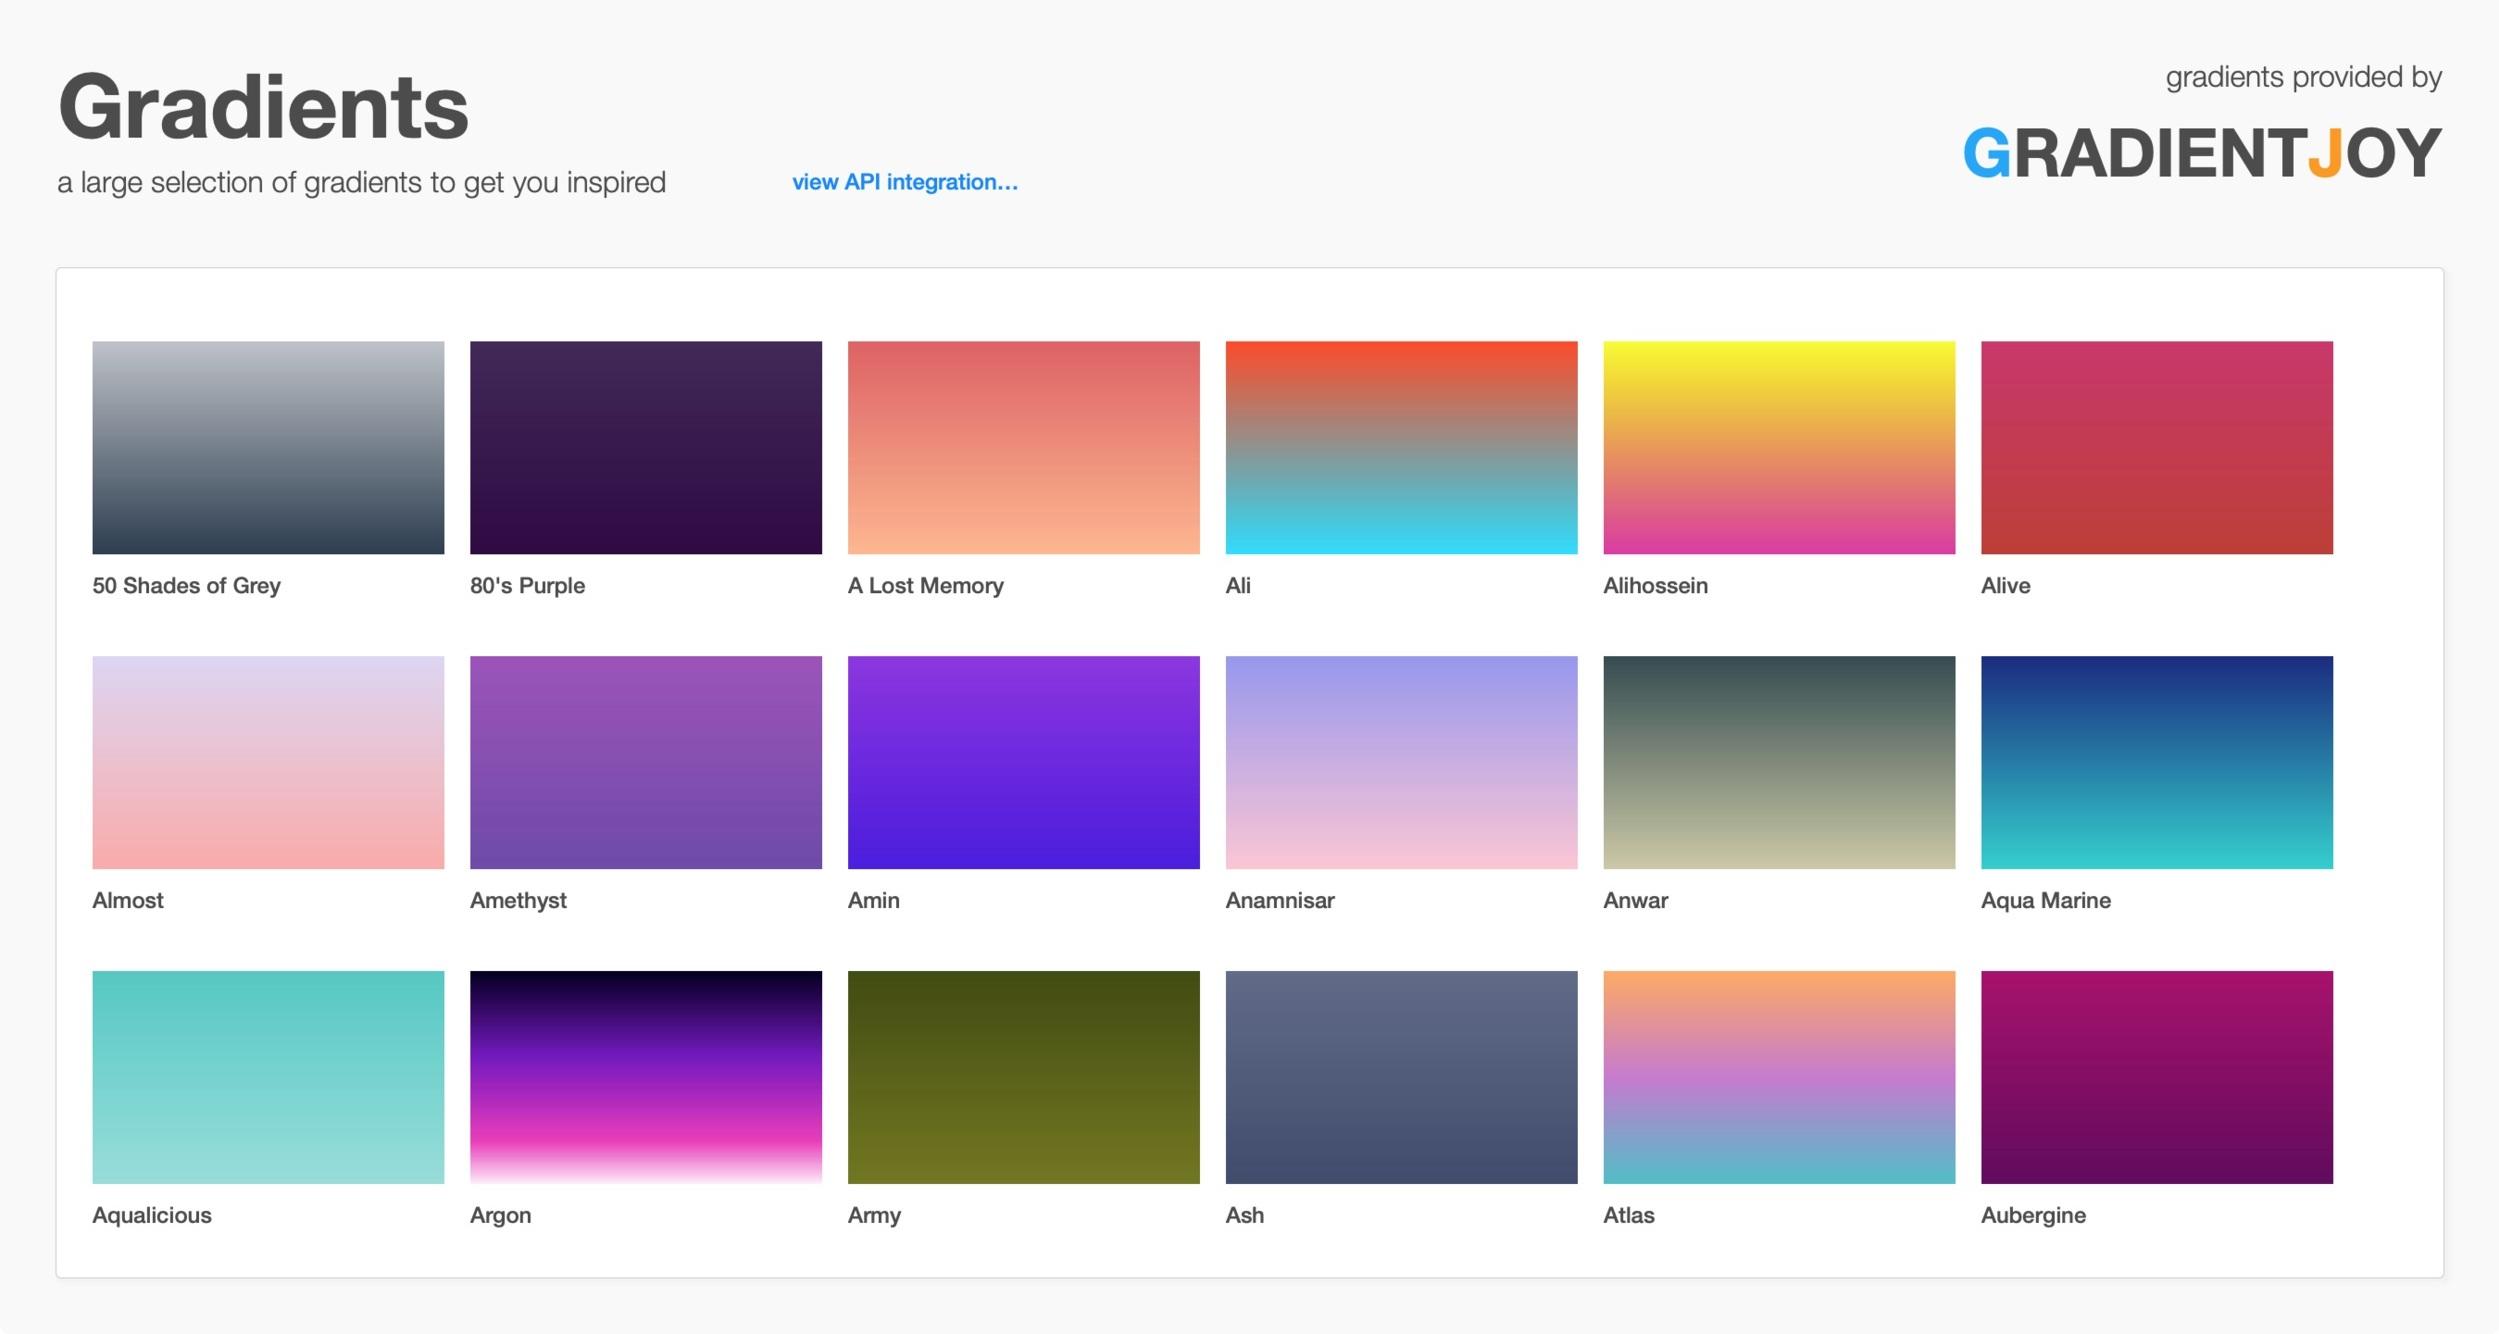 features_gradients.jpg